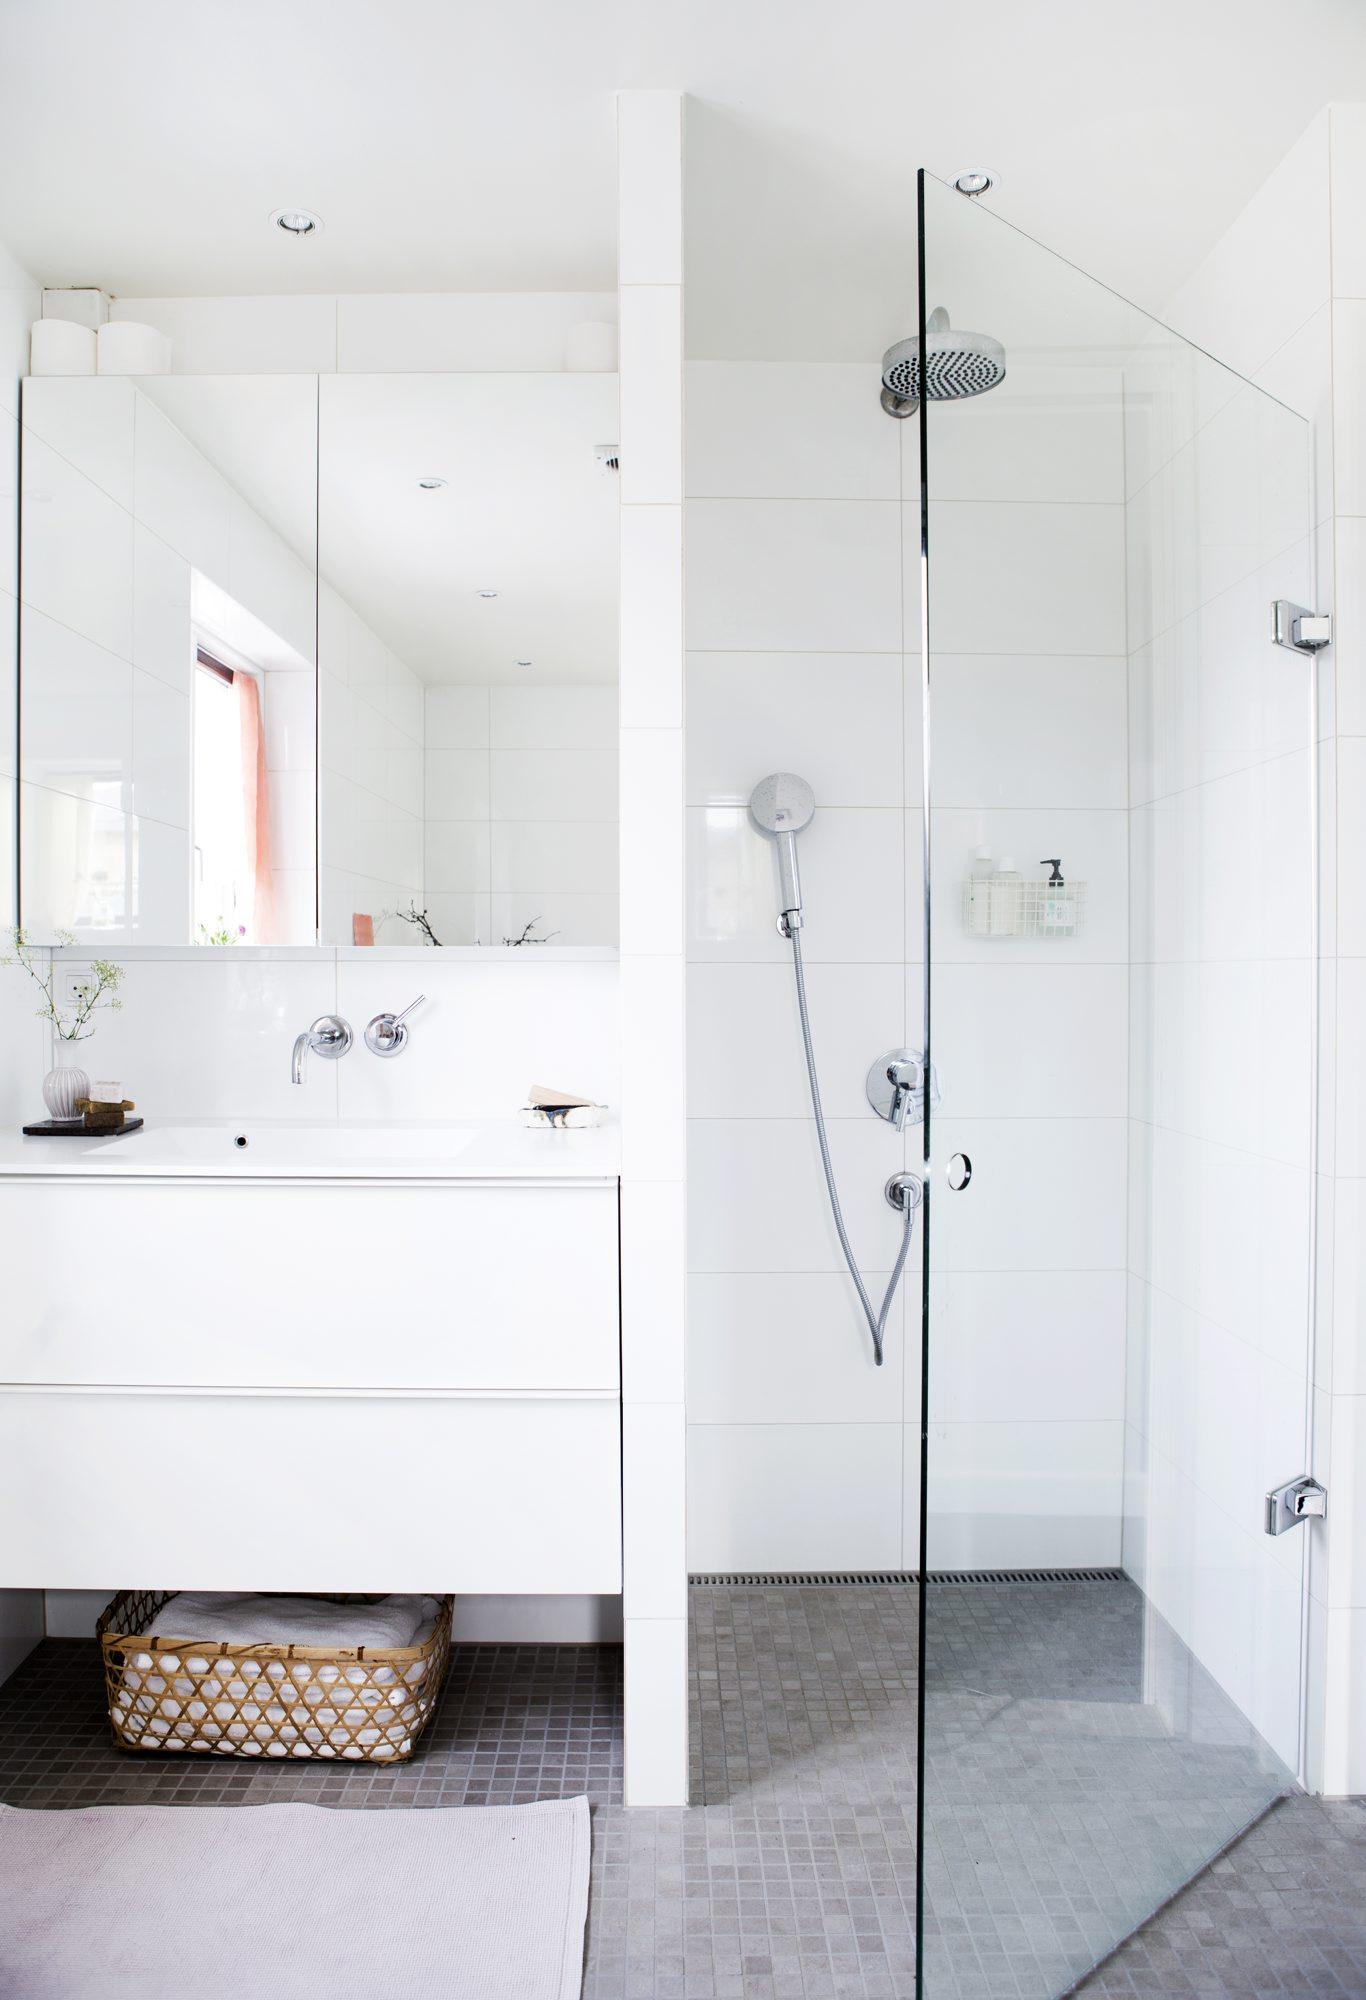 SPAR PLASS: Istedenfor en vanlig dør er det satt inn en skyvedør – det gir ekstra plass på badet. FOTO: Tia Borgsmidt